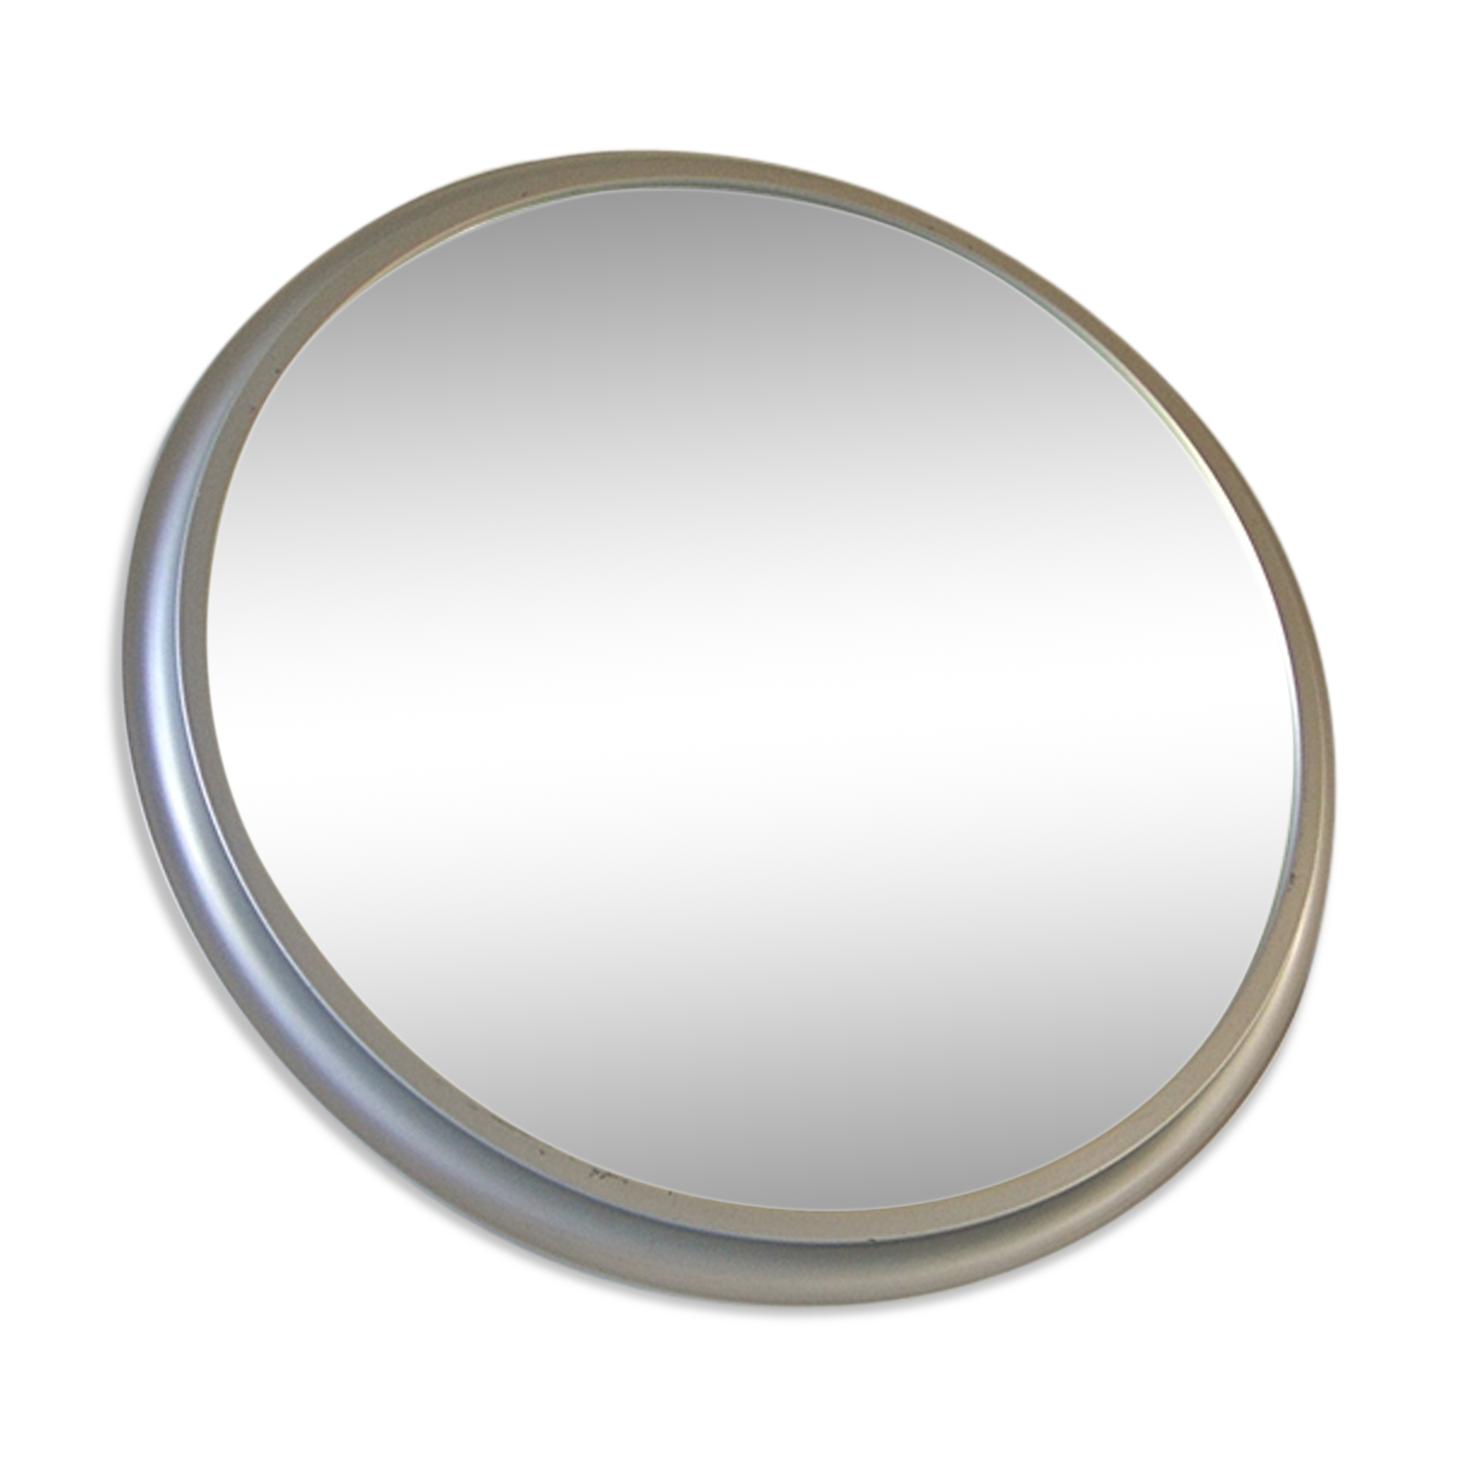 Miroir Pierre Vandel en aluminium argenté